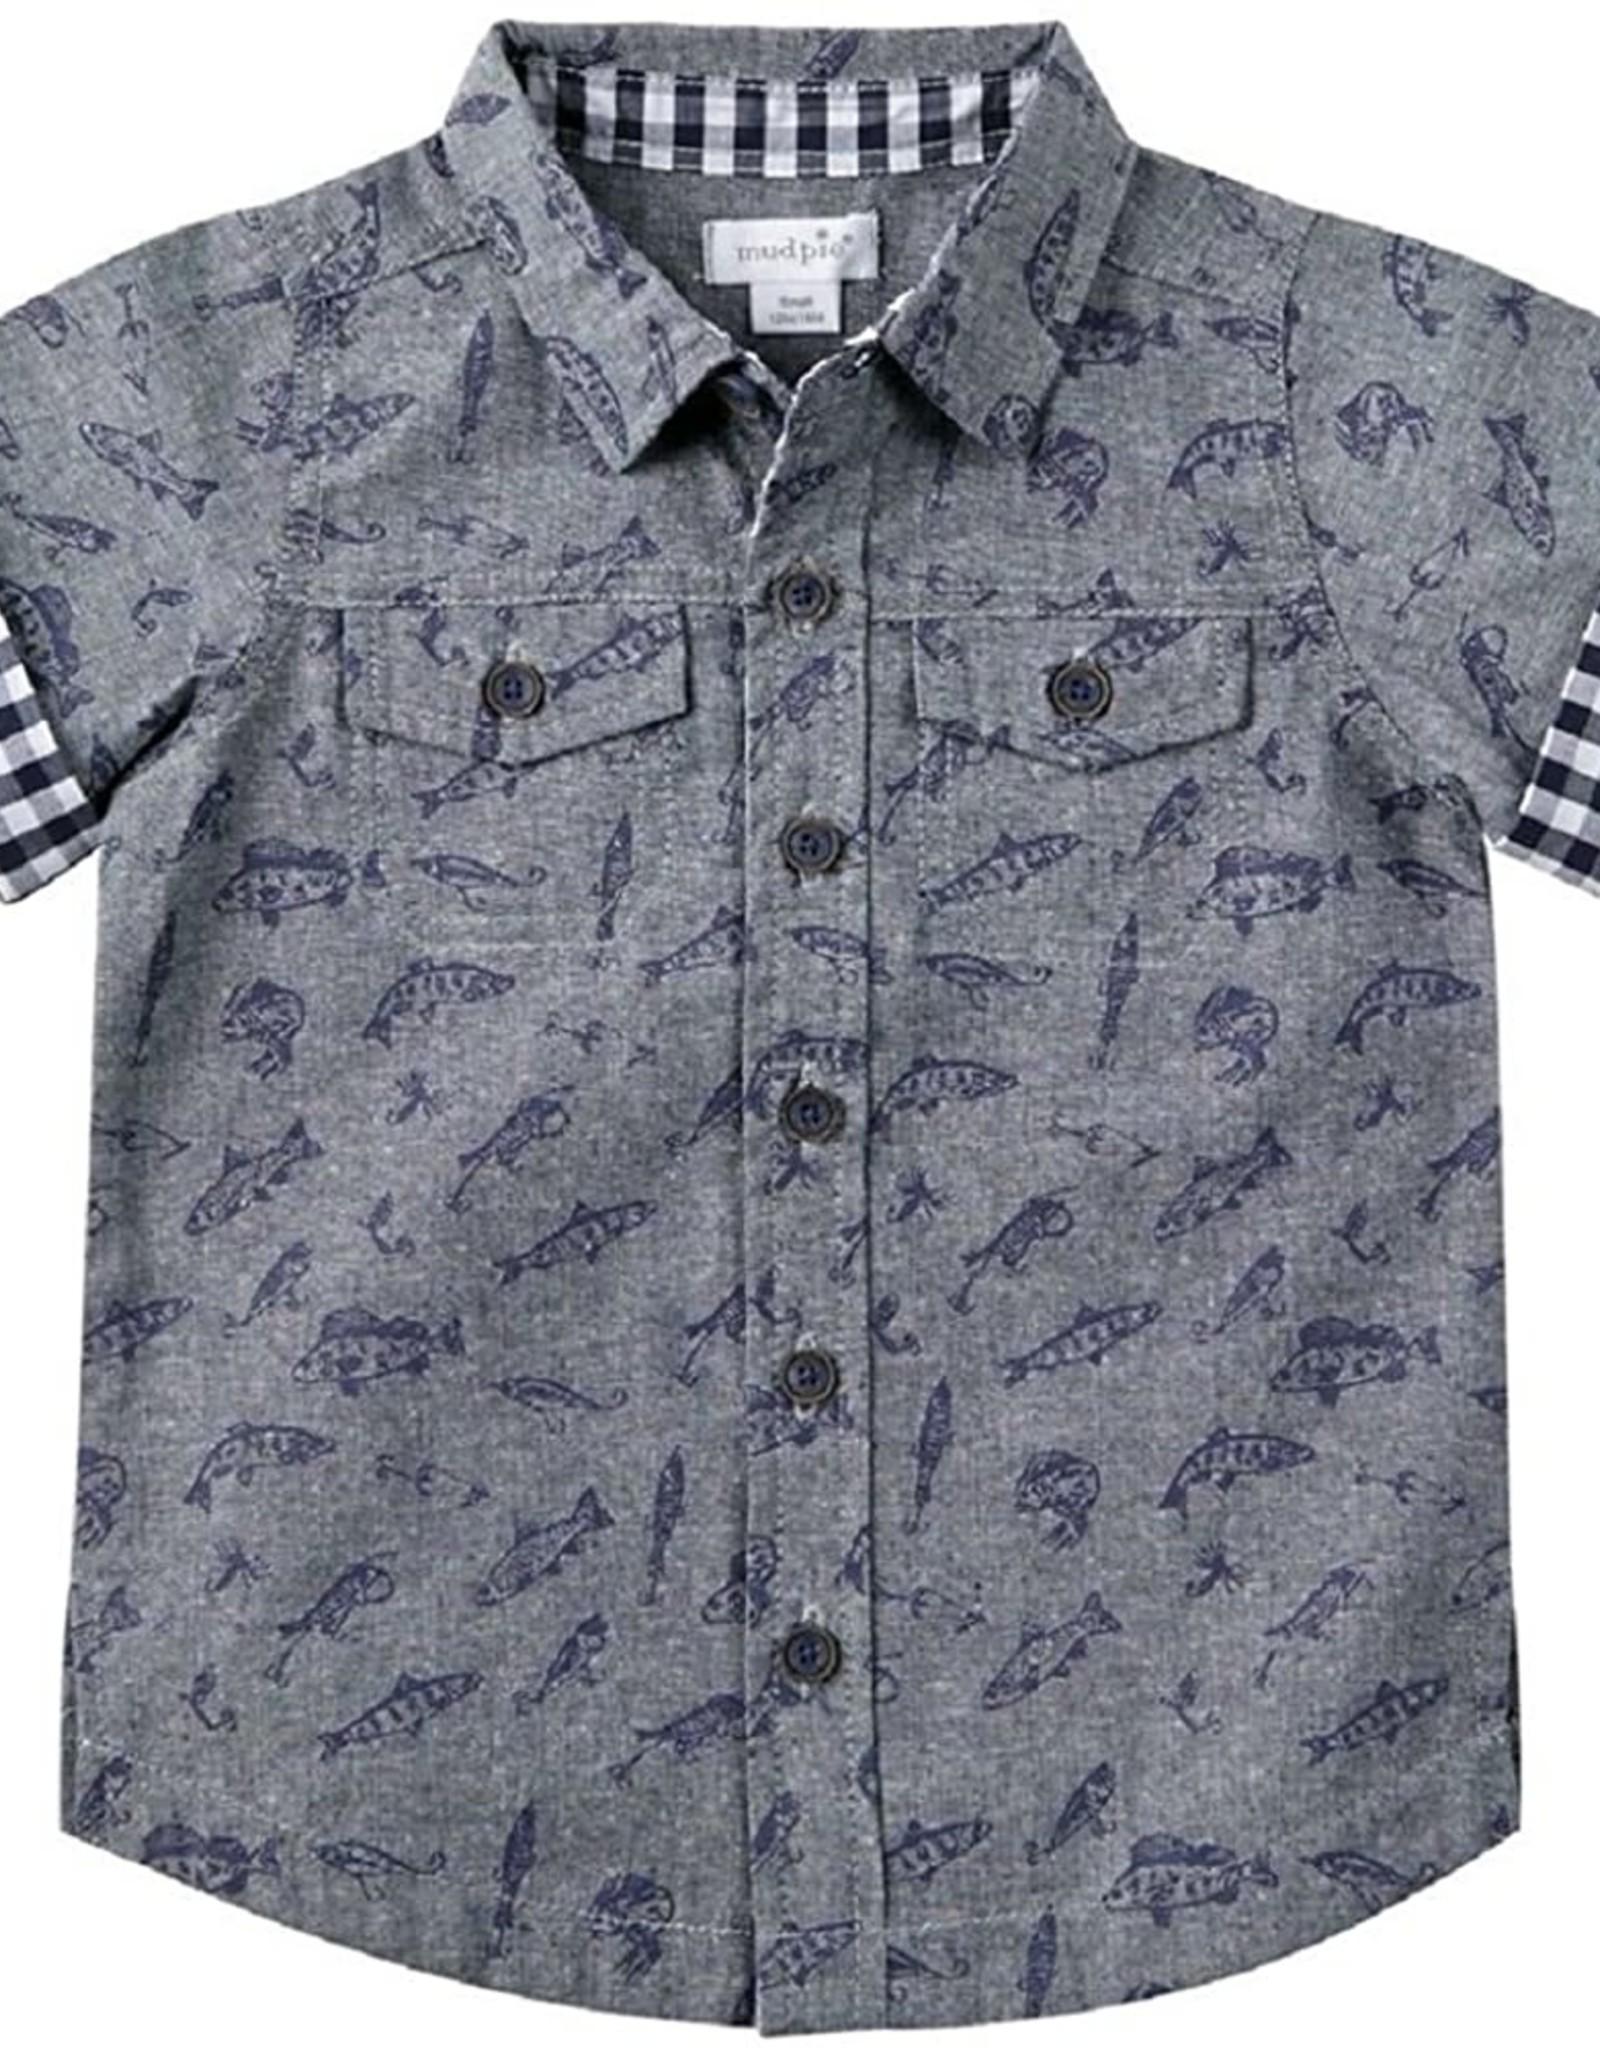 Mud Pie Fishing Resort Shirt